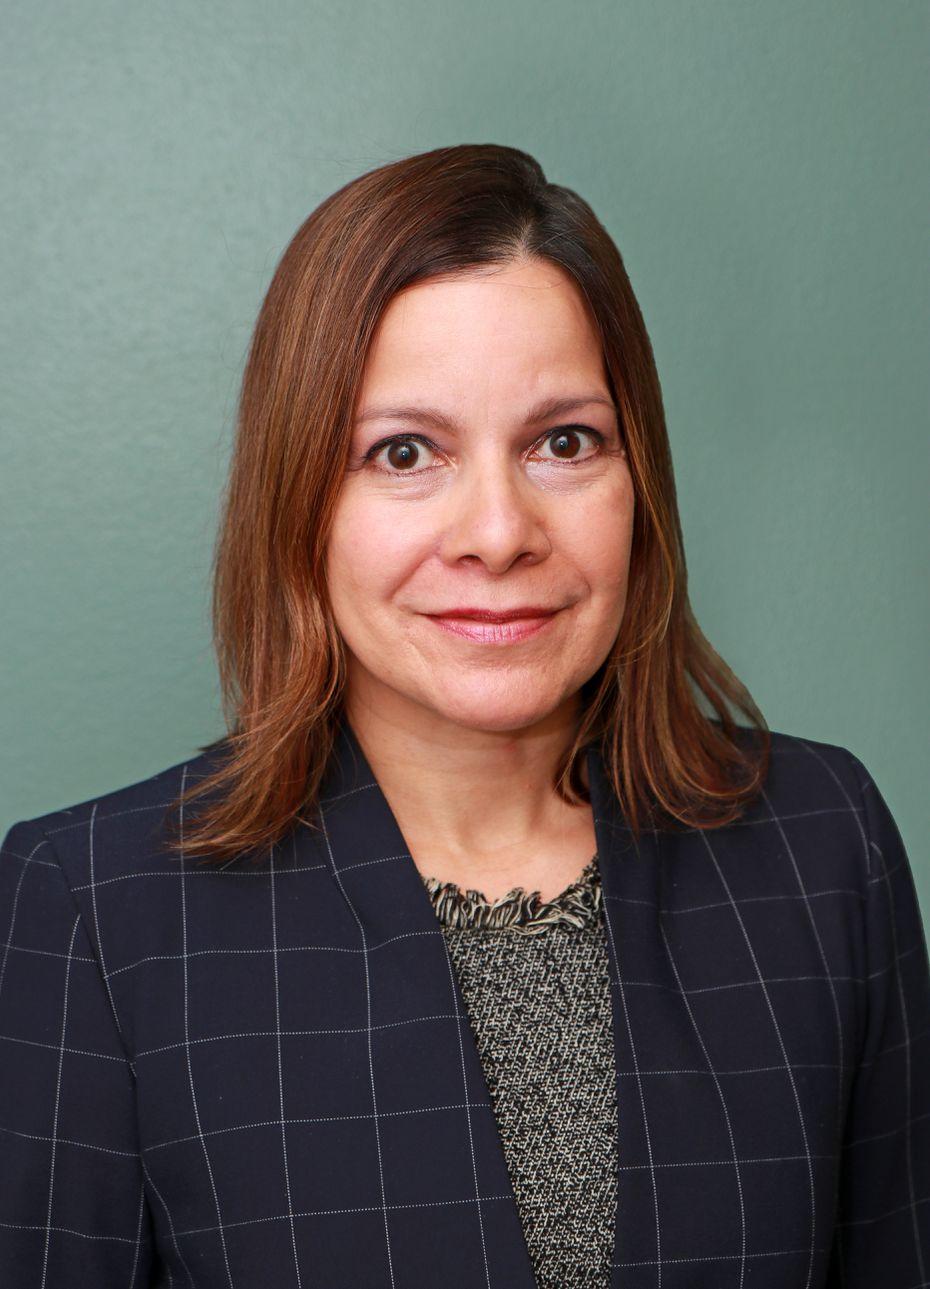 La doctora Arlene Betancourt, directora médica de integración de salud en Parkland y profesora asistente de medicina interna general en UT Southwestern.